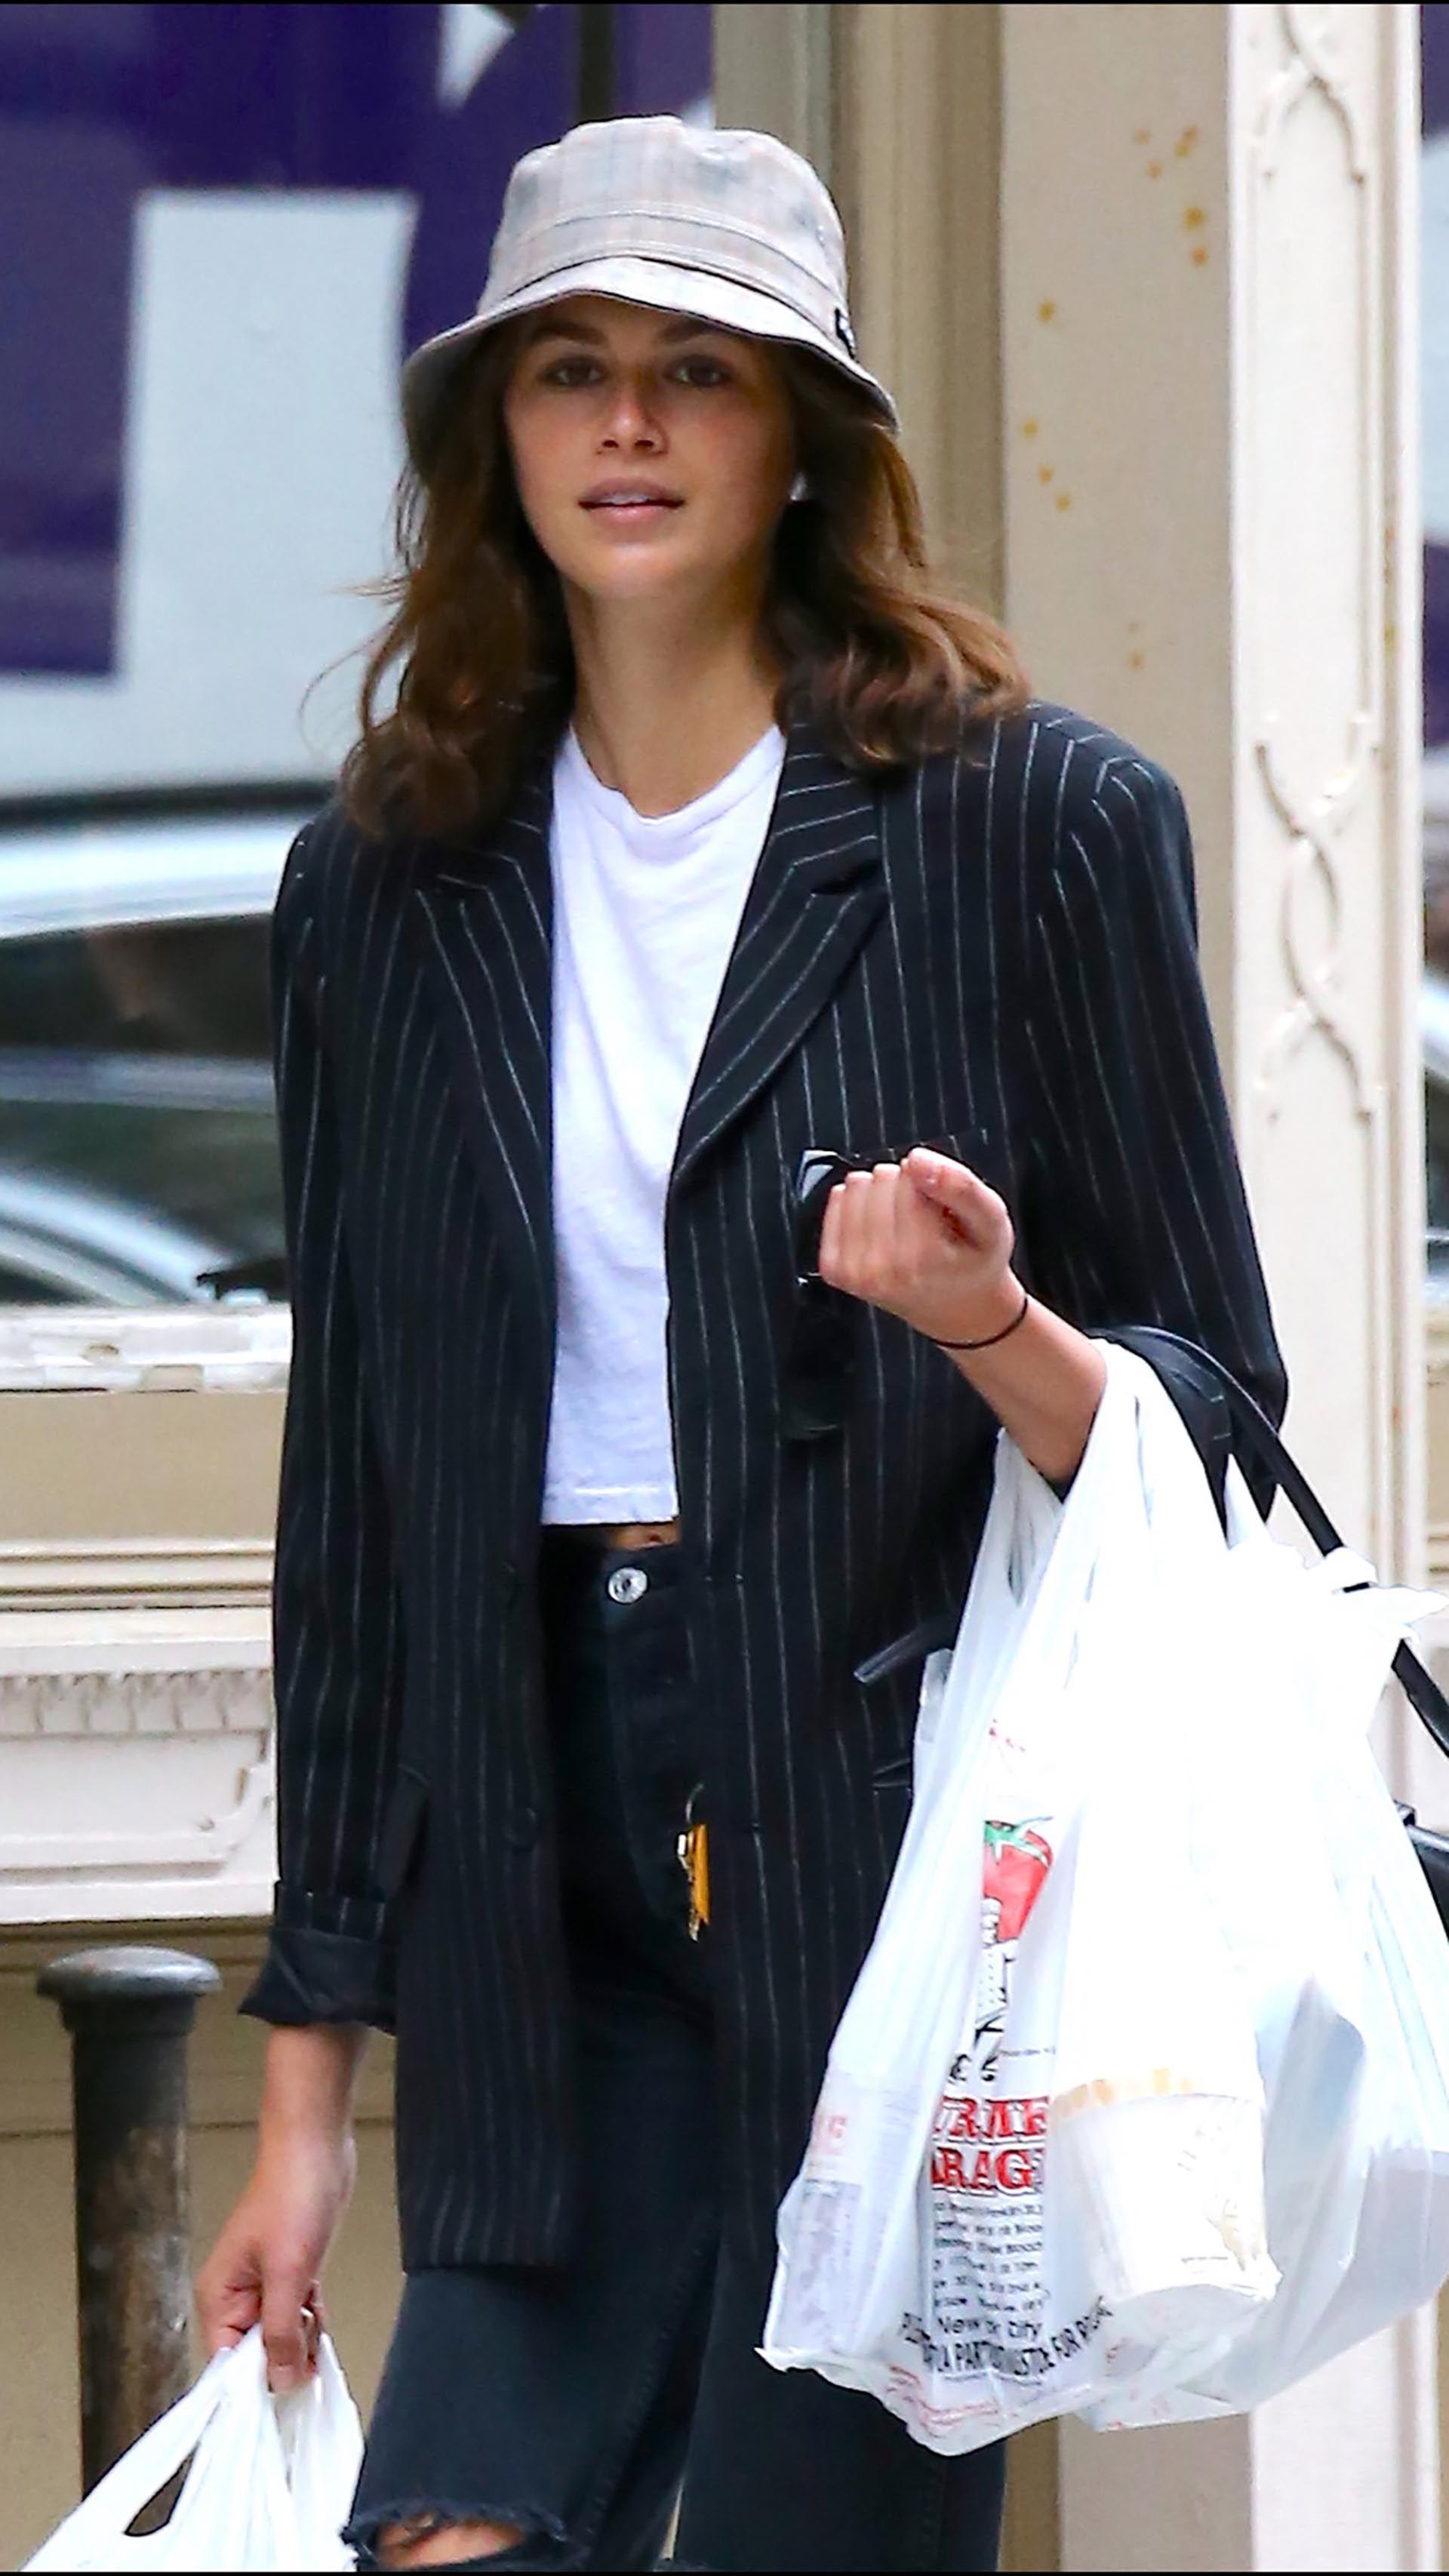 Kaia Gerber sorprendida con las bolsas de las compras, en las calles de Nueva York.